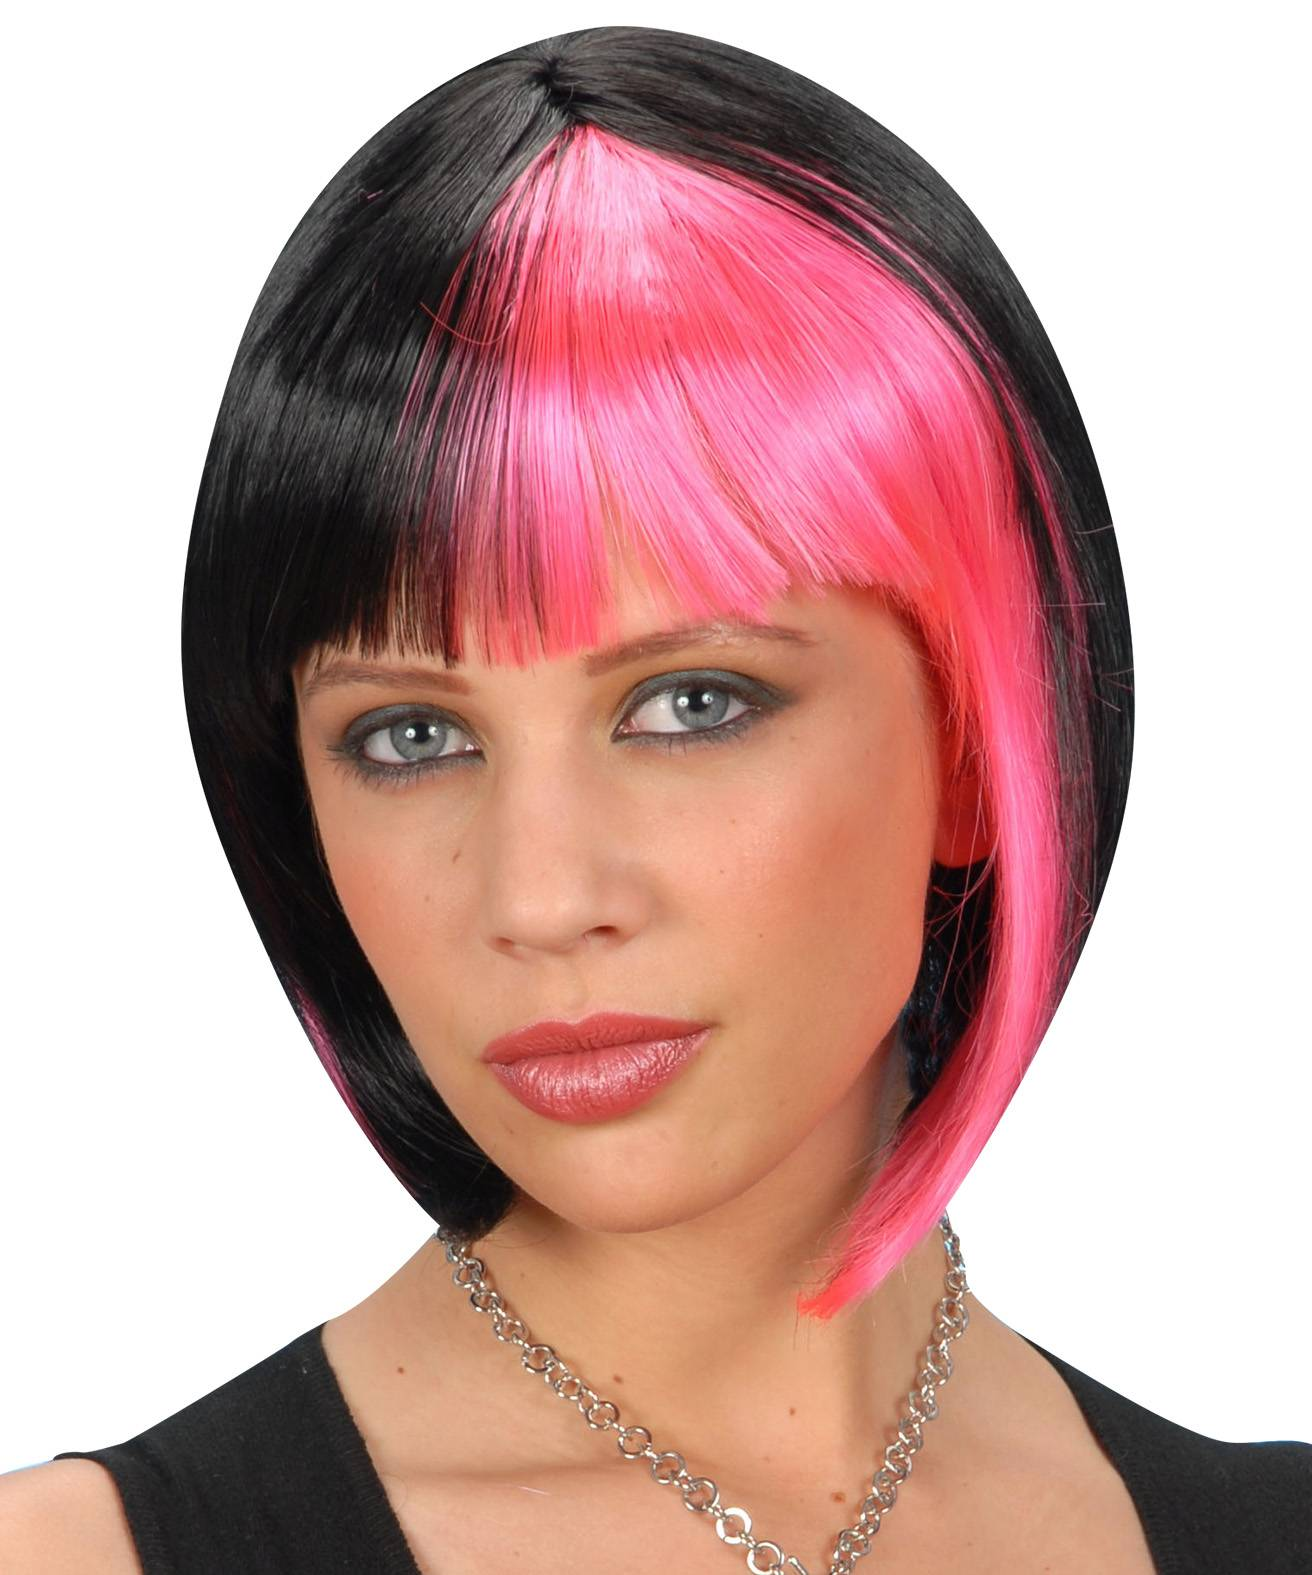 Perruque-Carré-bicolore-noir-et-rose